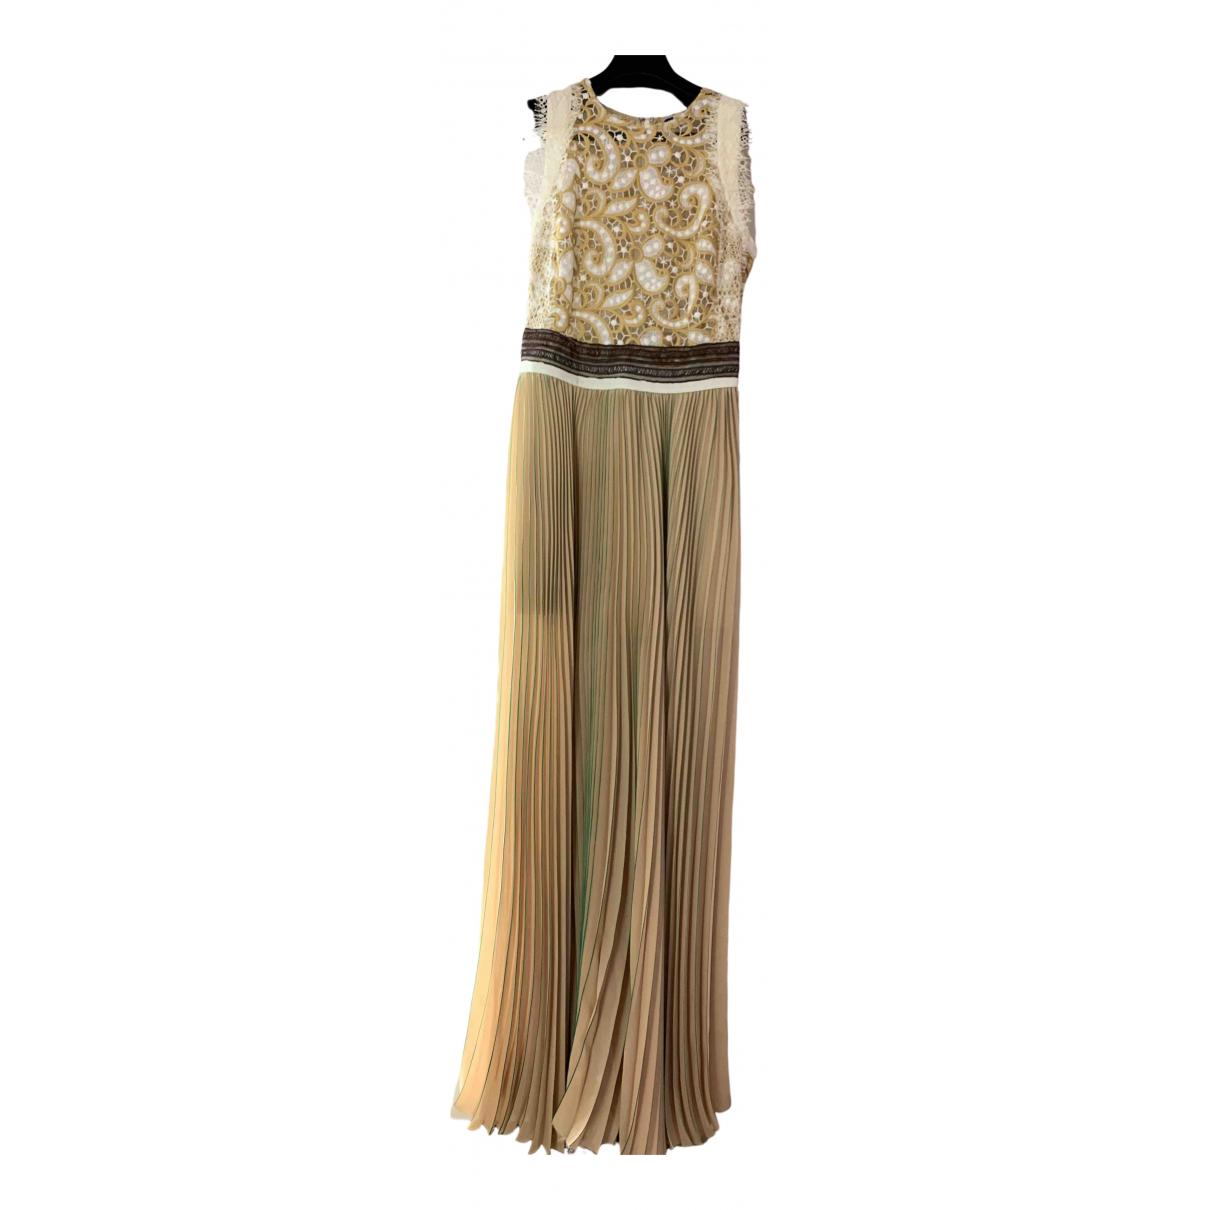 Msgm \N Kleid in  Beige Polyester